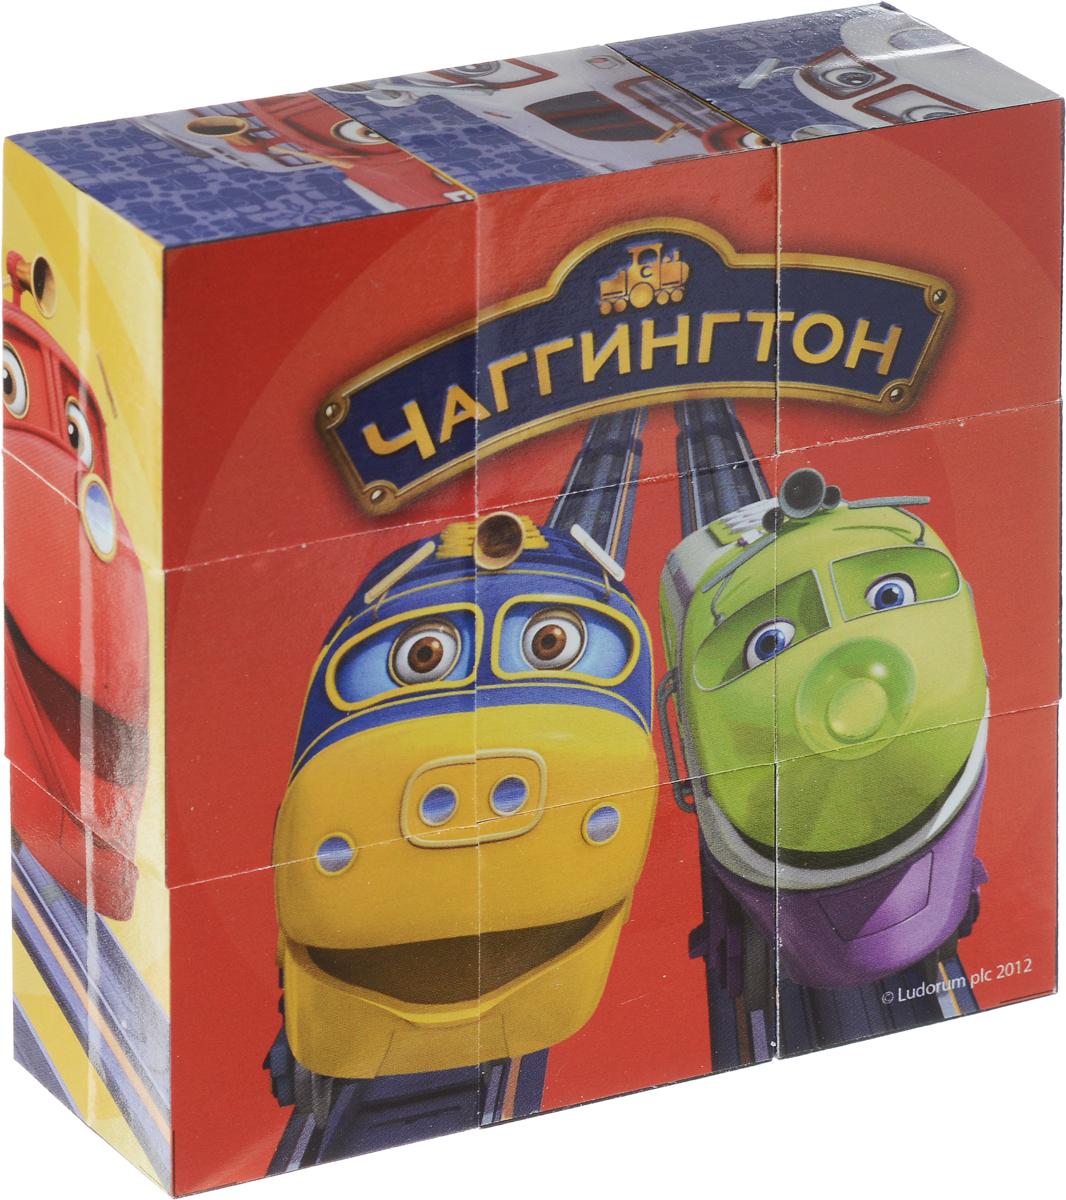 Играем вместе Набор кубиков Чаггингтон 9 шт01209С набором кубиков Играем вместе Чаггингтон ваш малыш будет часами занят игрой. Кубики изготовлены из высококачественного безопасного пластика. Собранные стороны кубиков образуют 6 красочных картинок с изображениями героев мультфильма Веселые паровозики из Чаггингтона. Игры кубиками помогут малышу развить мелкую моторику рук, зрительное восприятие, наблюдательность и внимание. Ребенок научится складывать целостный образ из частей, определять недостающие детали изображения. Играя с кубиками, ребёнок сможет не только создать картинку из мультфильма, но и сделать разные конструкции, к примеру, дома или башенки. На что хватит его фантазии. Набор содержит 9 кубиков.